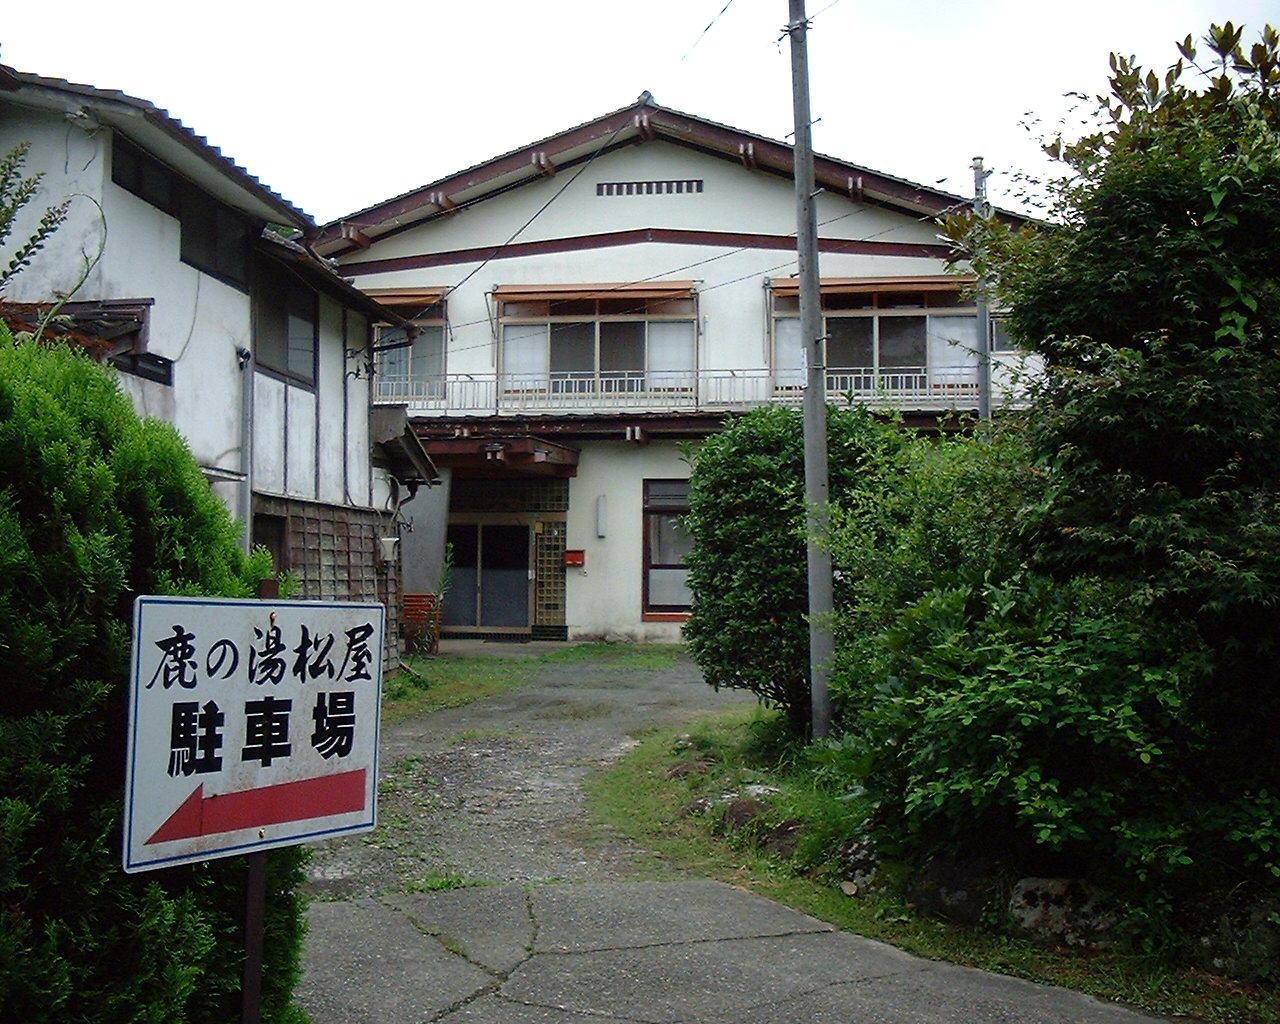 湯の網温泉 鹿の湯松屋 image